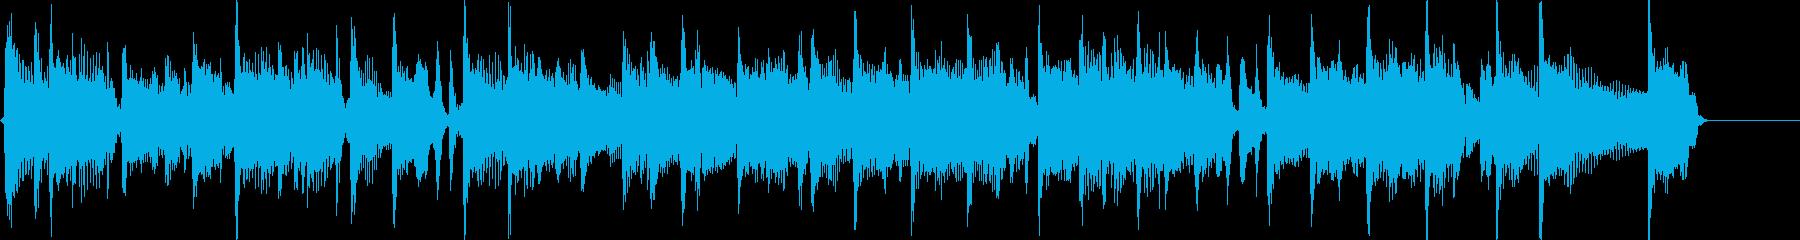 アグレッシブなアコギ CM・イントロにの再生済みの波形